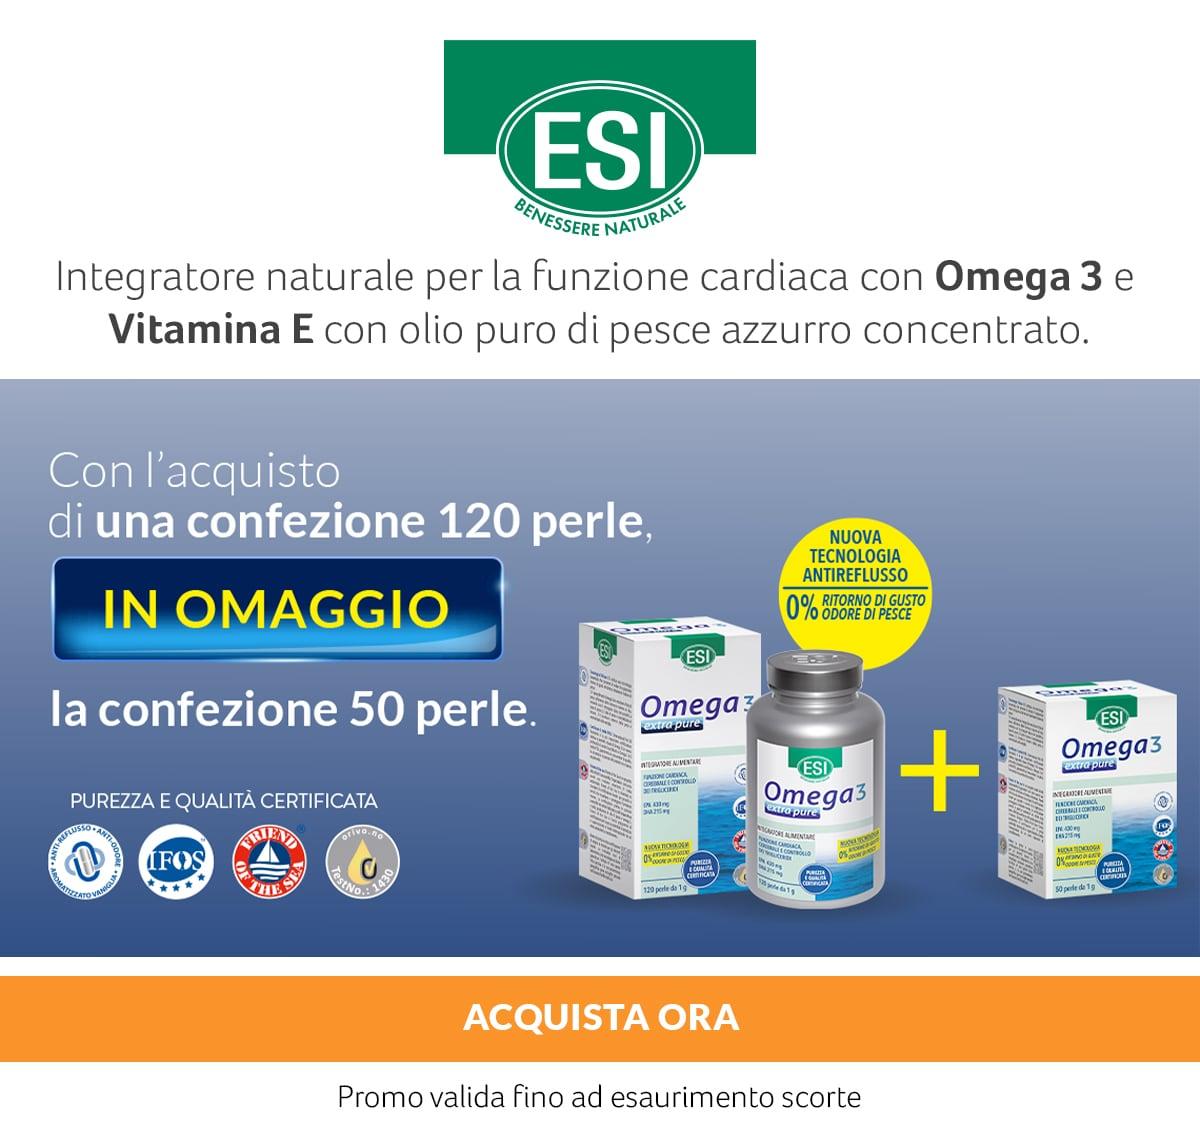 Esi Omega 3 e Vitamina E. In OMAGGIO la confezione 50 perle